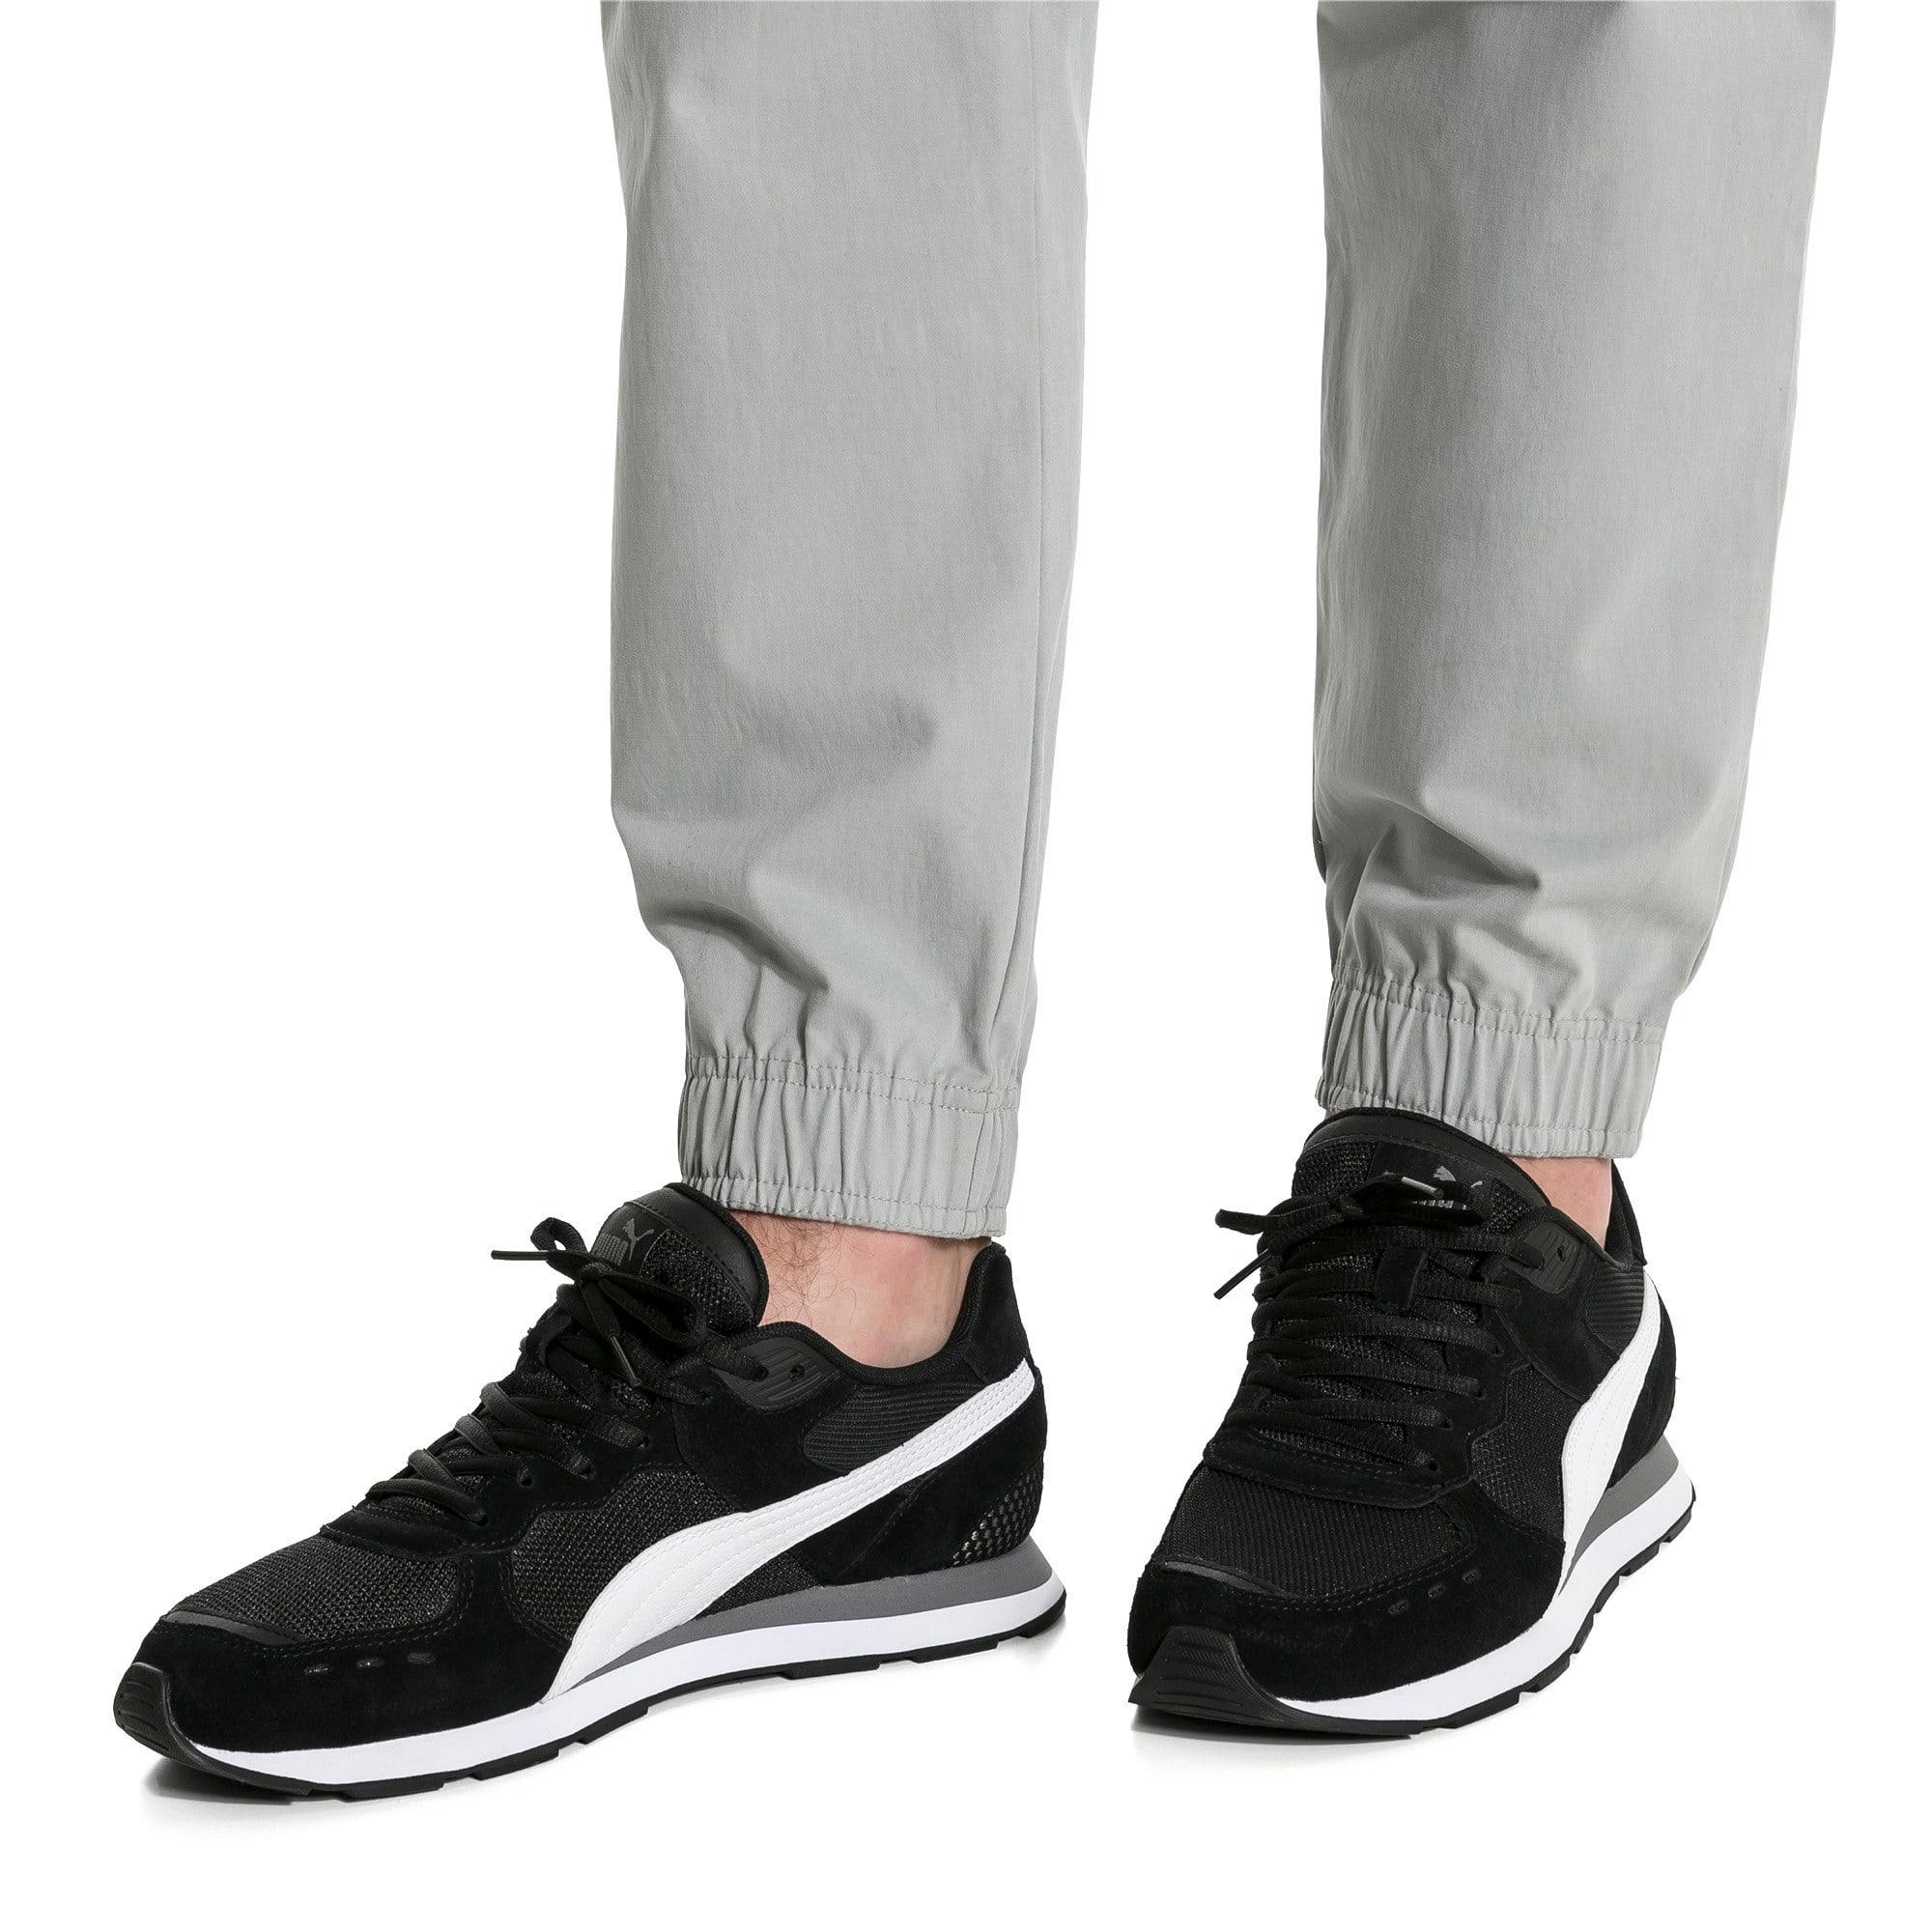 Vista Women's Sneakers